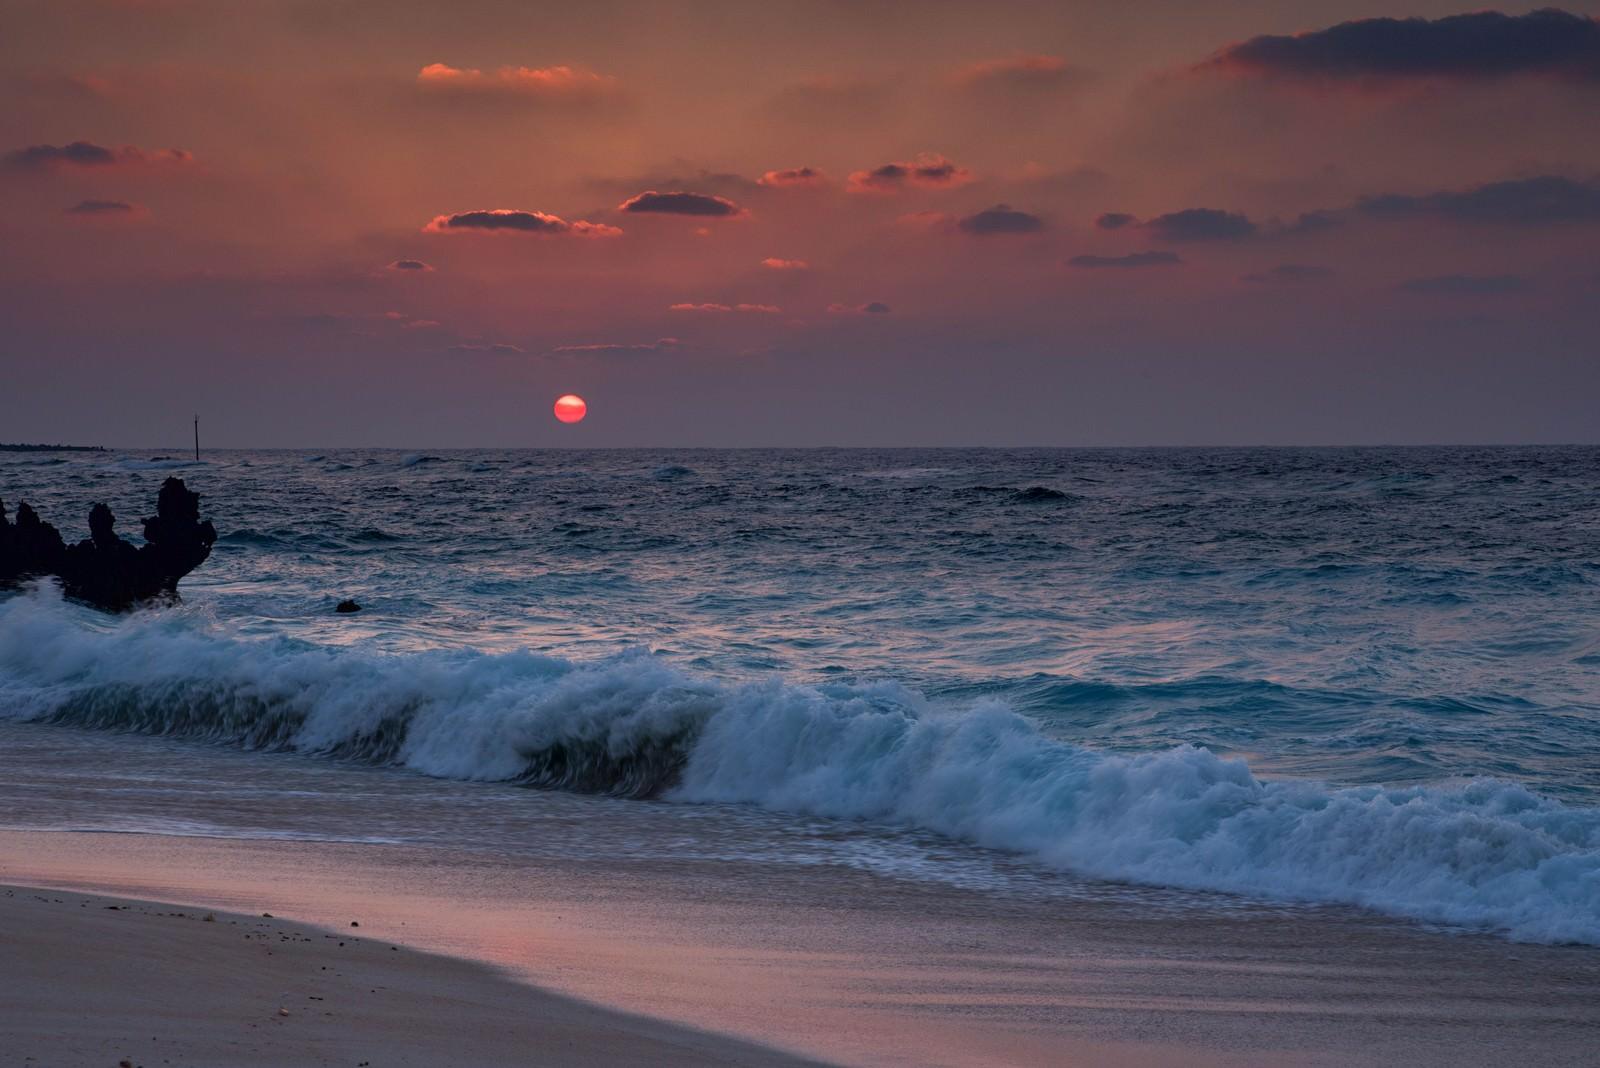 「夕焼けと与論島の海と砂浜」の写真